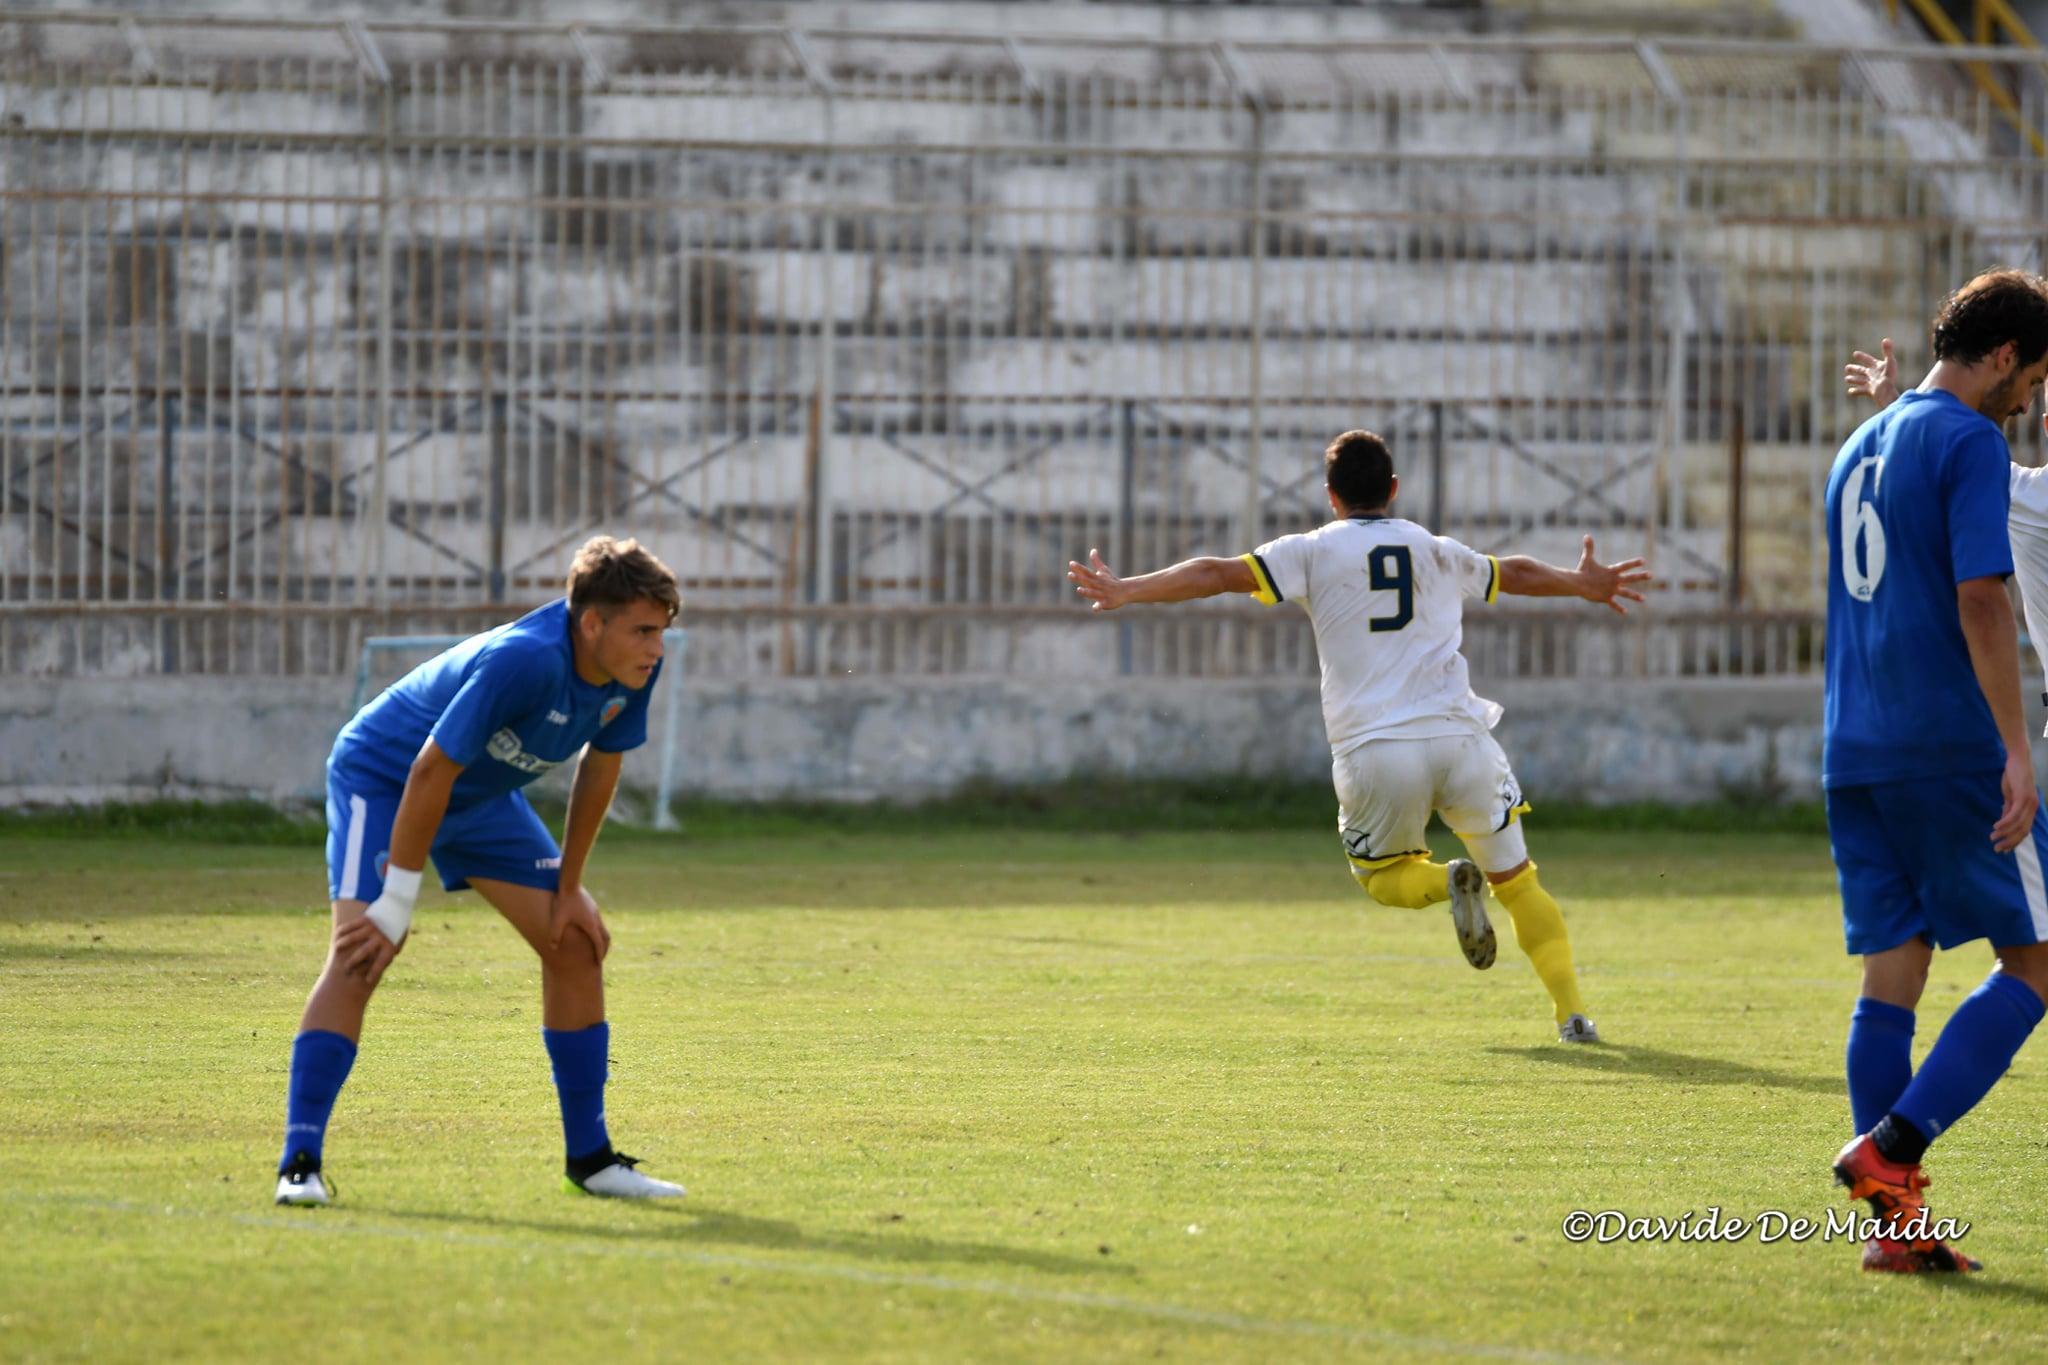 El Giarre 1946 de Ivan Agudiak asciende a la Serie D, tras vencer por 3 a 2 al Siracusa. El 'toro' marcó el tercer gol.